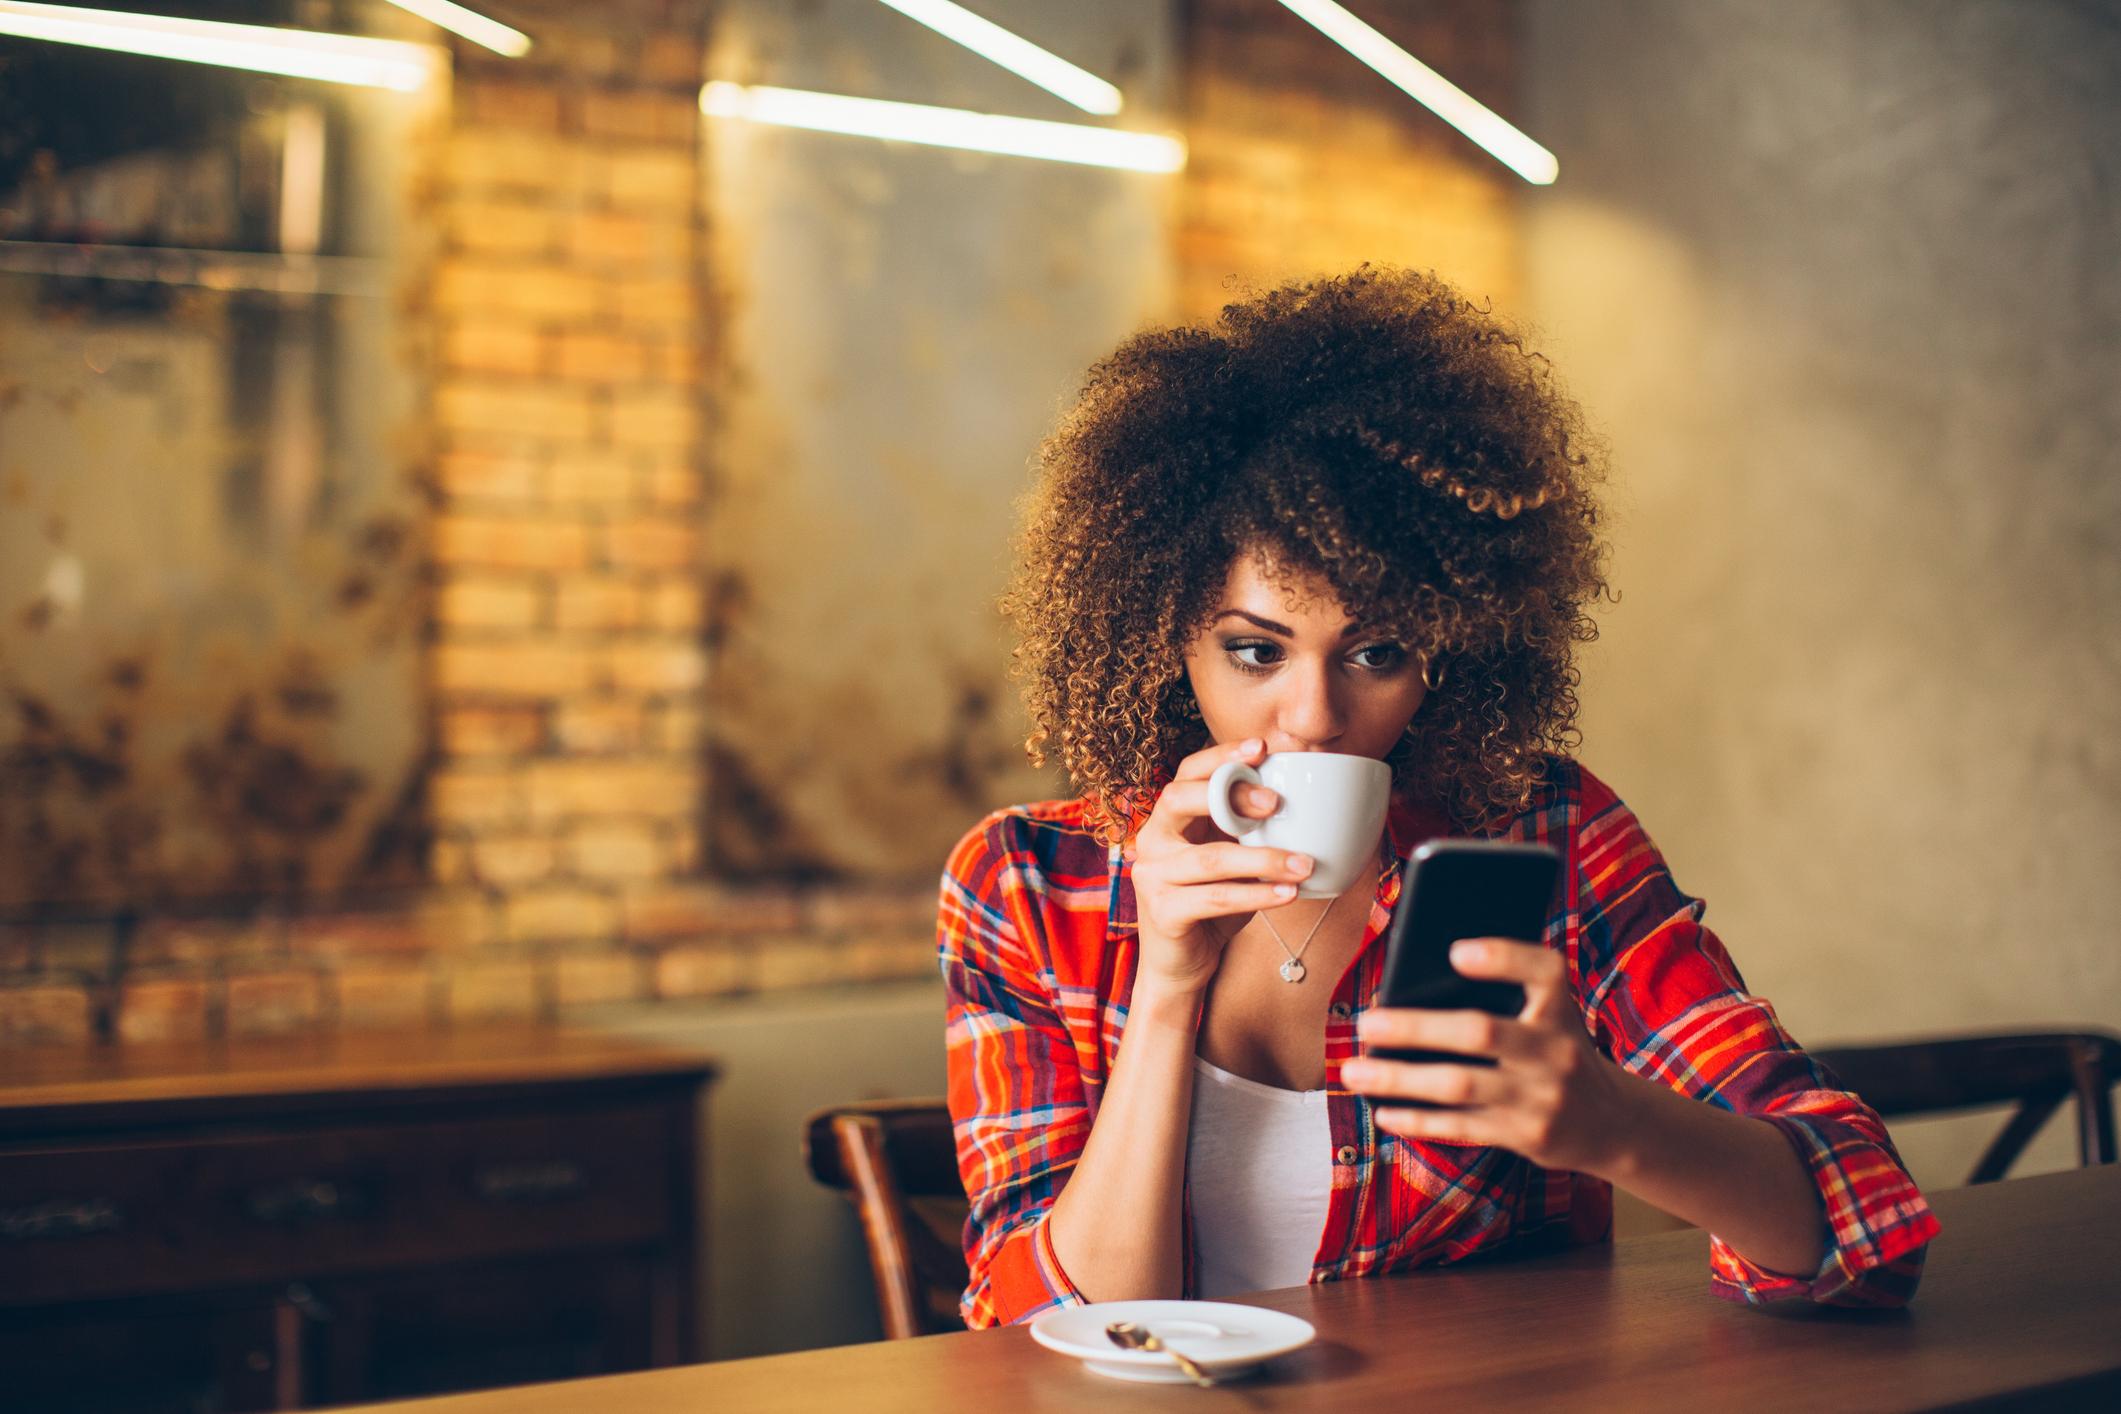 Mulher negra tomando café e olhando o celular